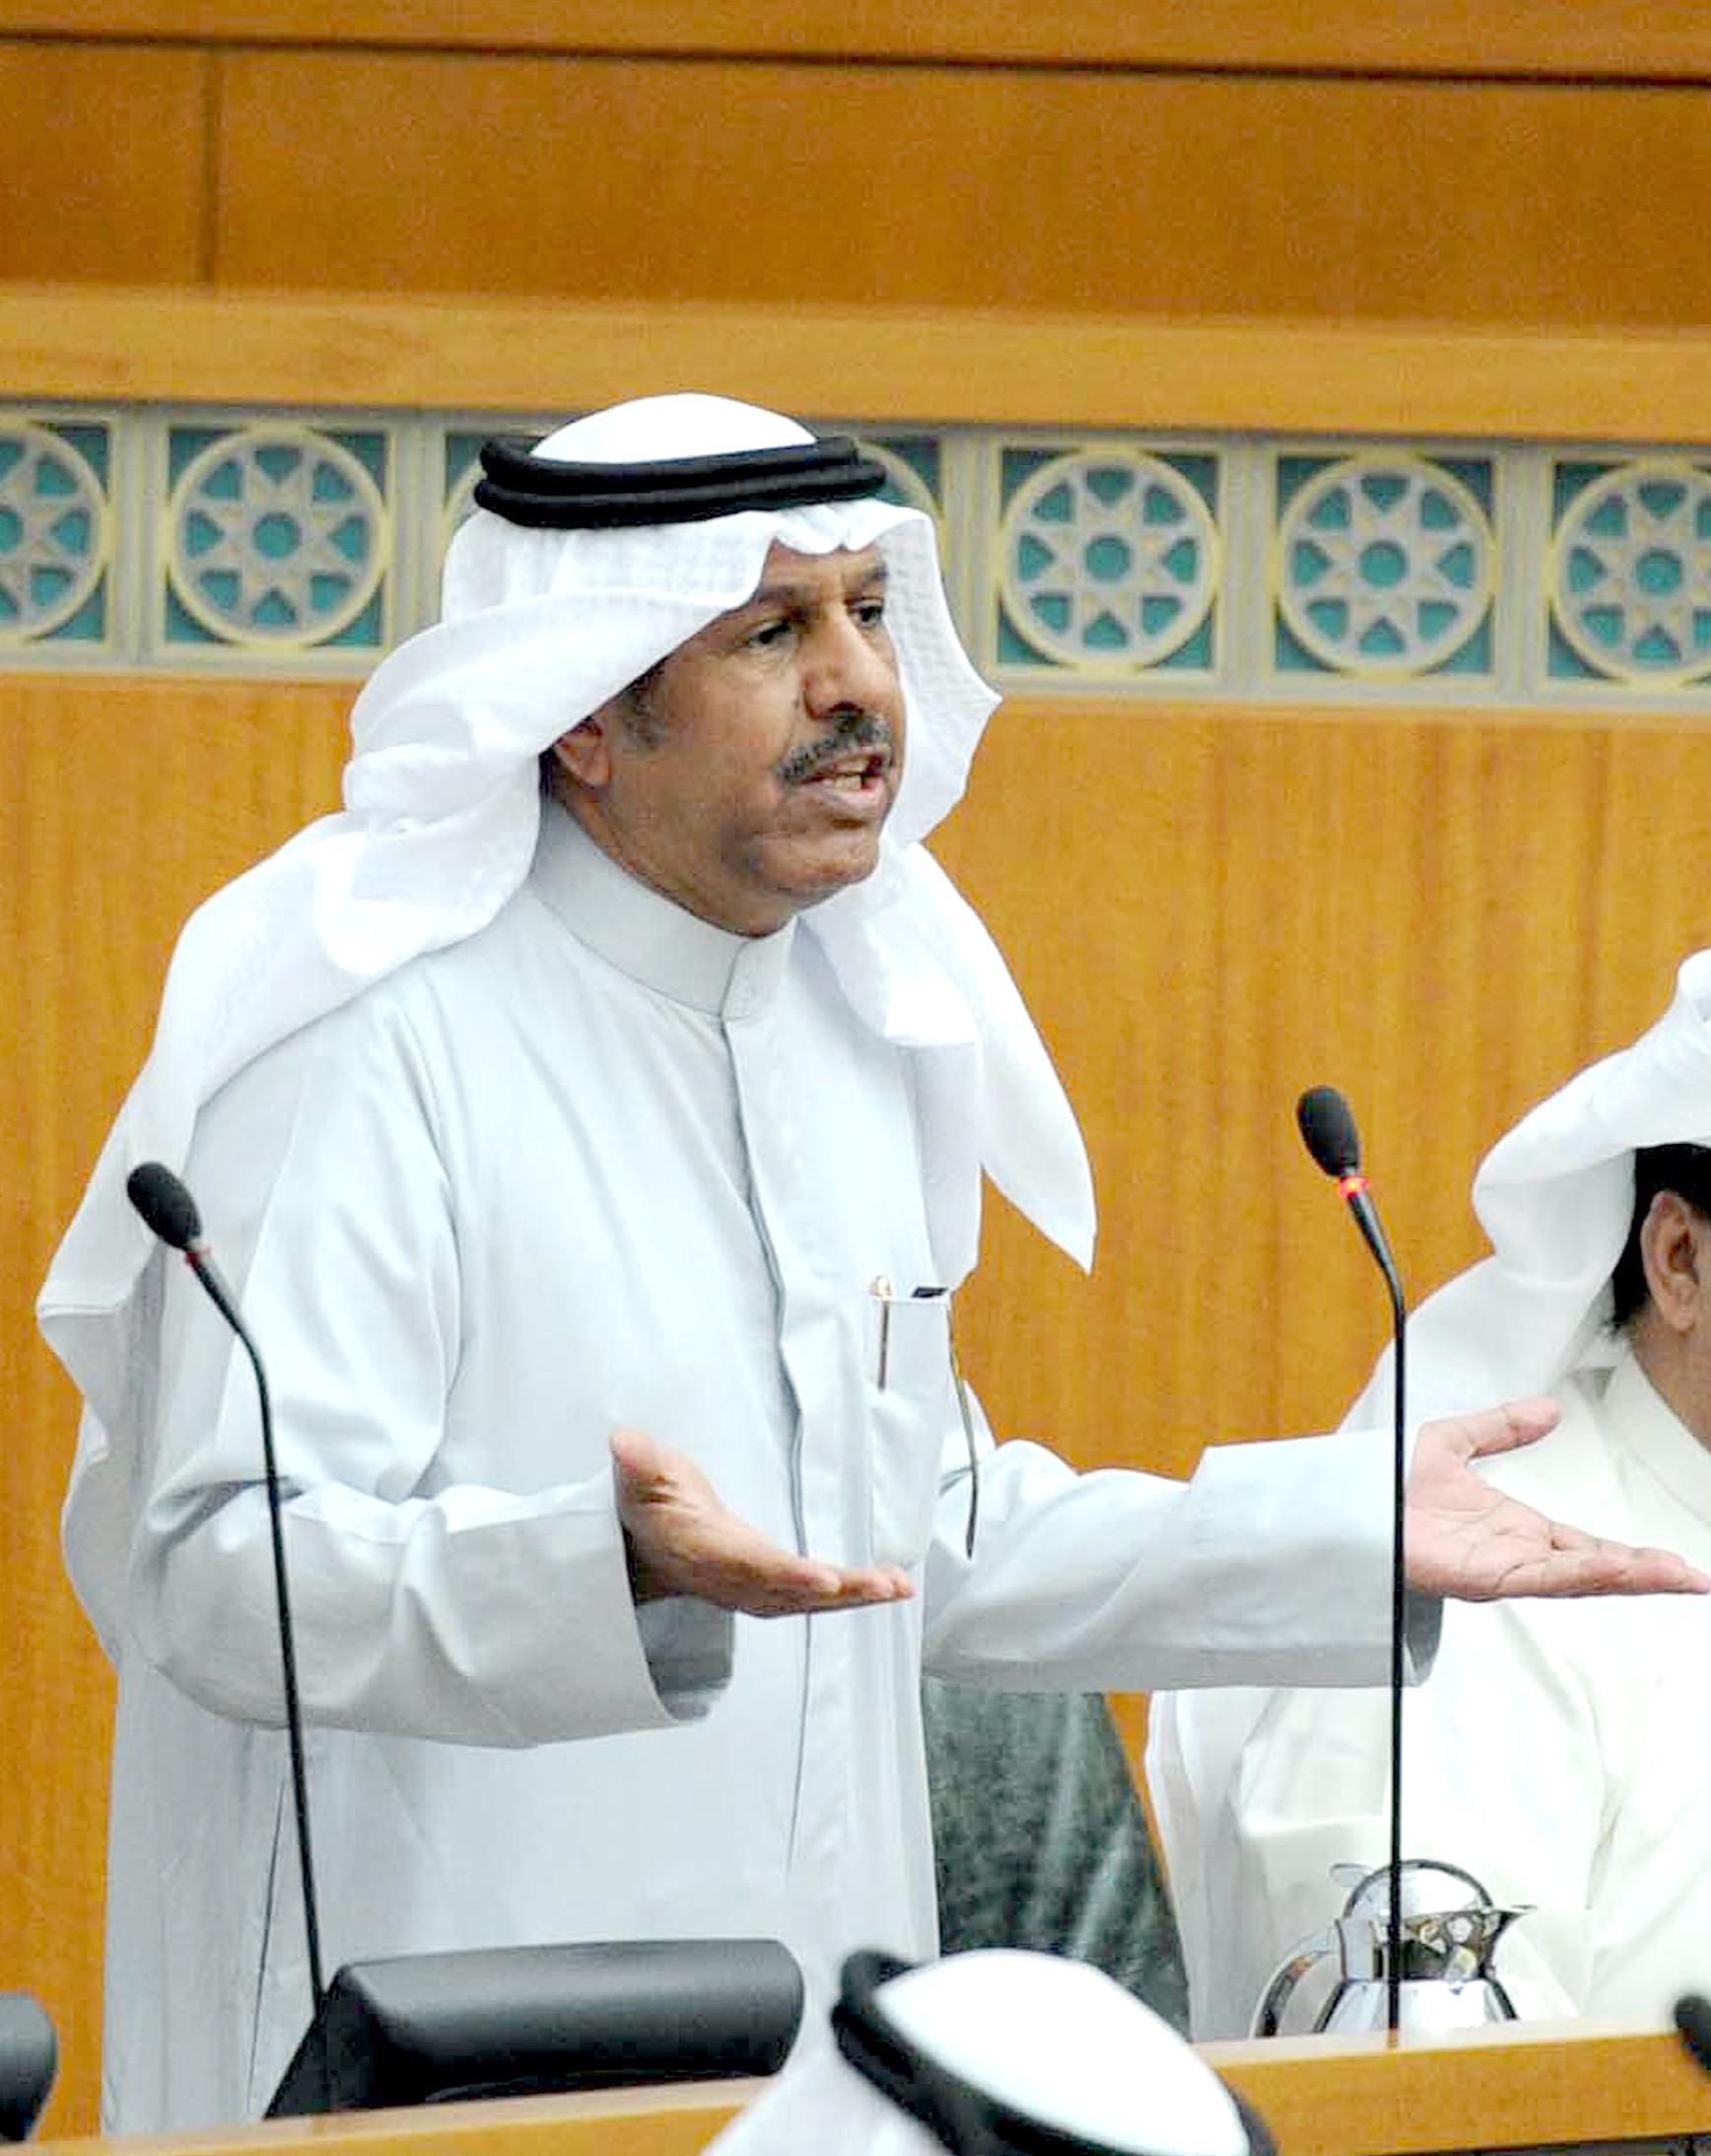 گروهی از نمایندگان پارلمان کویت،ایران را کشوری دشمن و خطرناک خواندند